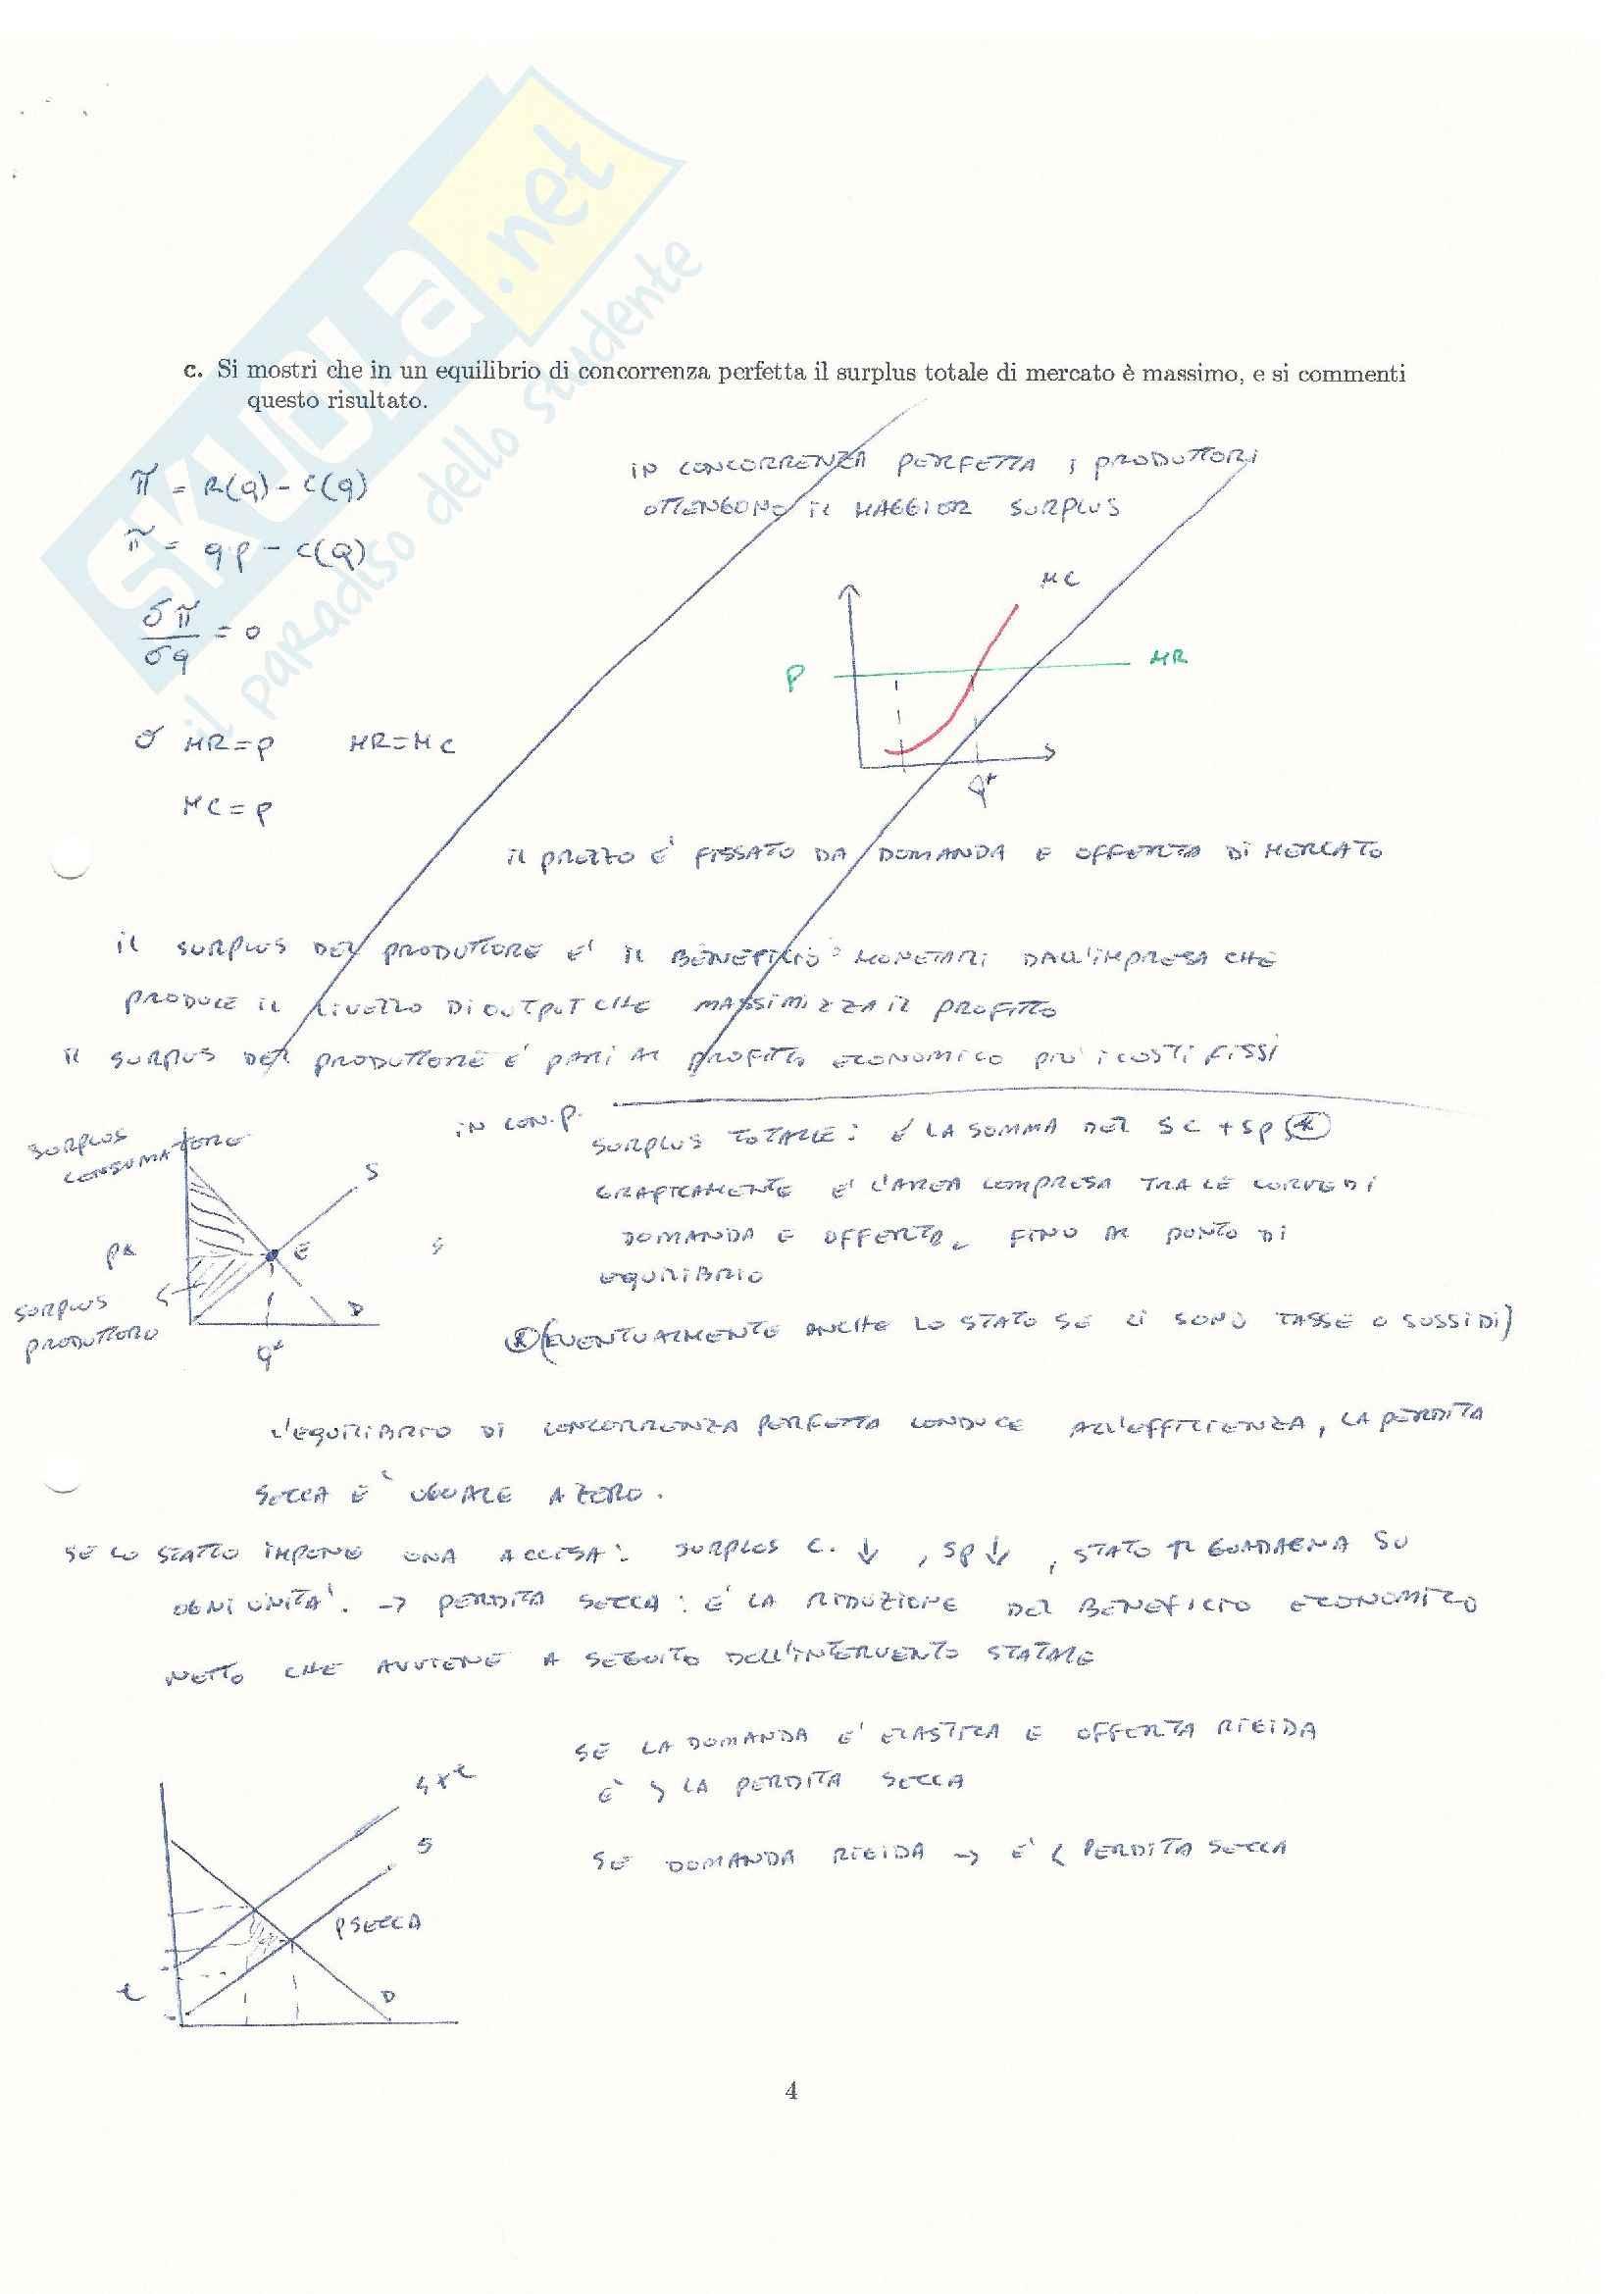 Teorie e esercitazioni su microeconomia,  Economia politica Pag. 86